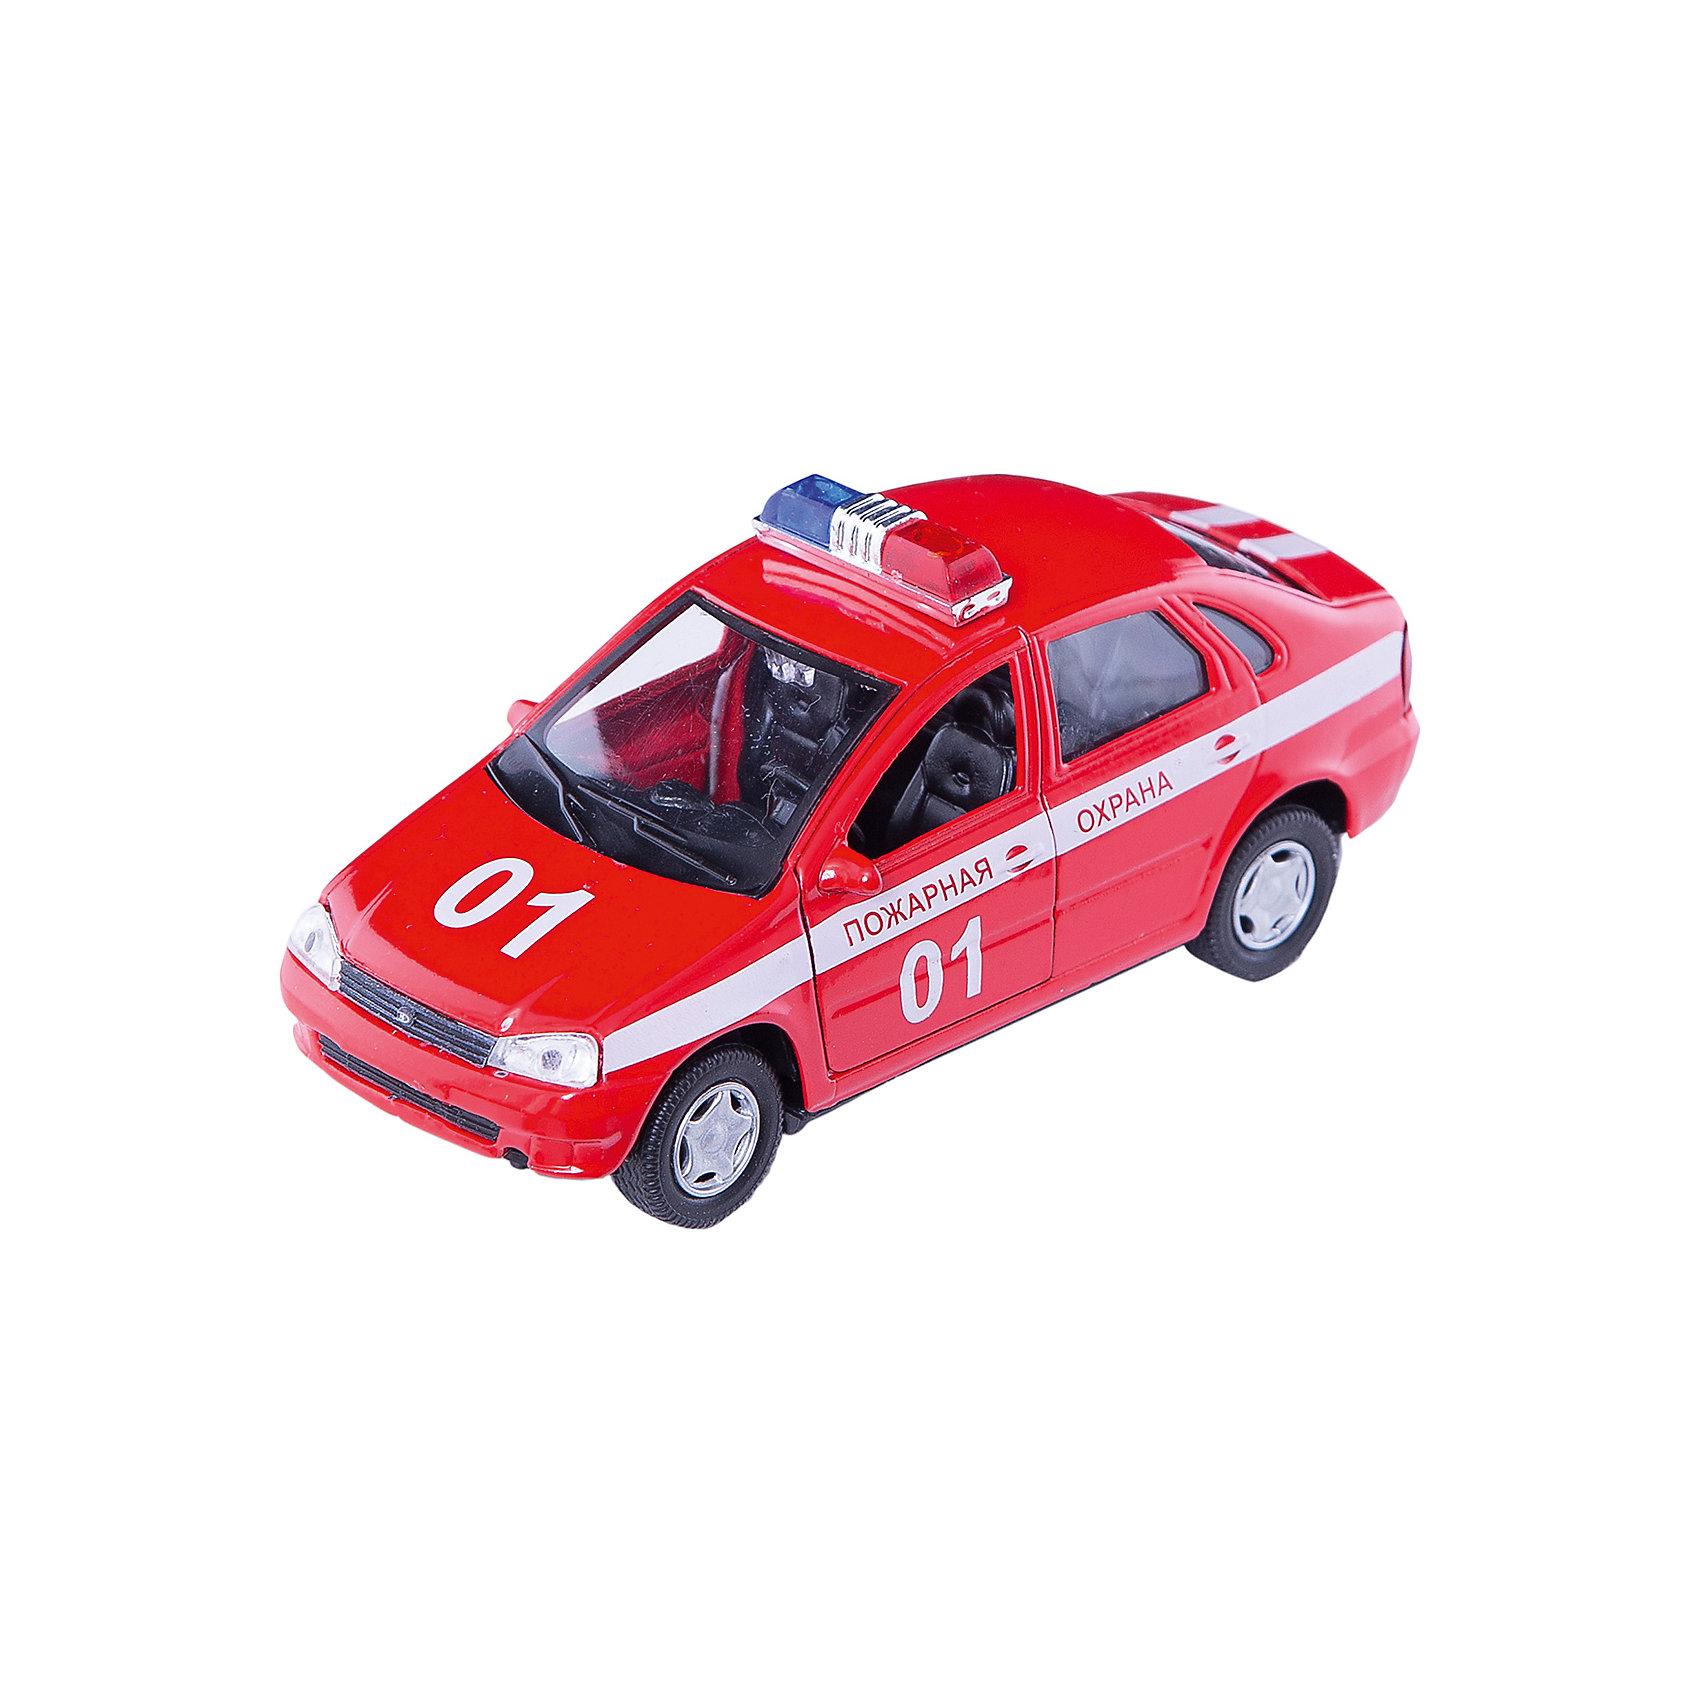 Машинка Lada Kalina пожарная охрана 1:34, AutotimeМашинки<br><br><br>Ширина мм: 165<br>Глубина мм: 57<br>Высота мм: 75<br>Вес г: 13<br>Возраст от месяцев: 36<br>Возраст до месяцев: 2147483647<br>Пол: Мужской<br>Возраст: Детский<br>SKU: 5583910